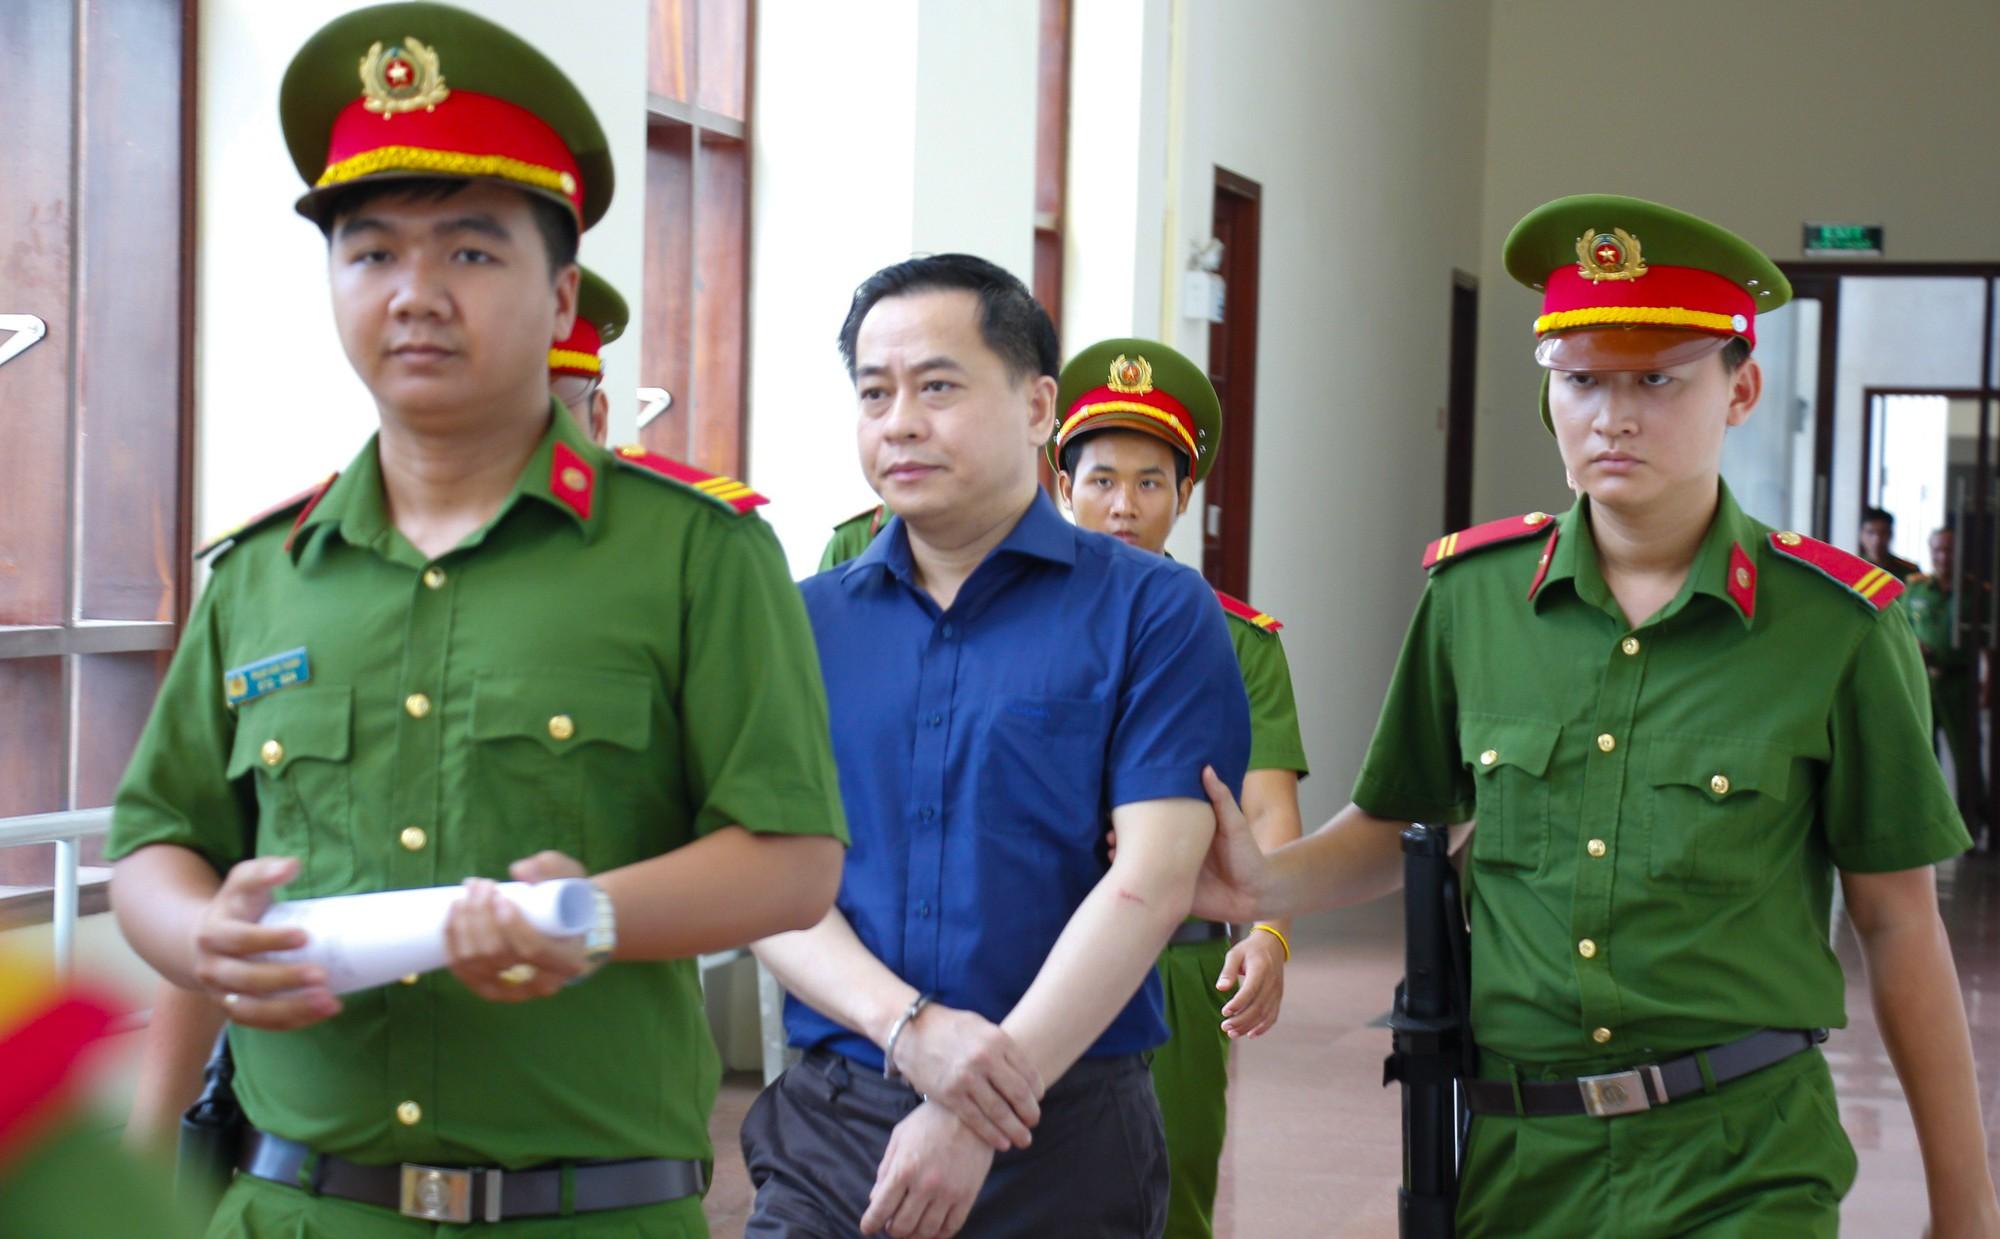 Viện kiểm sát bác kháng cáo kêu oan của Phan Văn Anh Vũ - Ảnh 3.